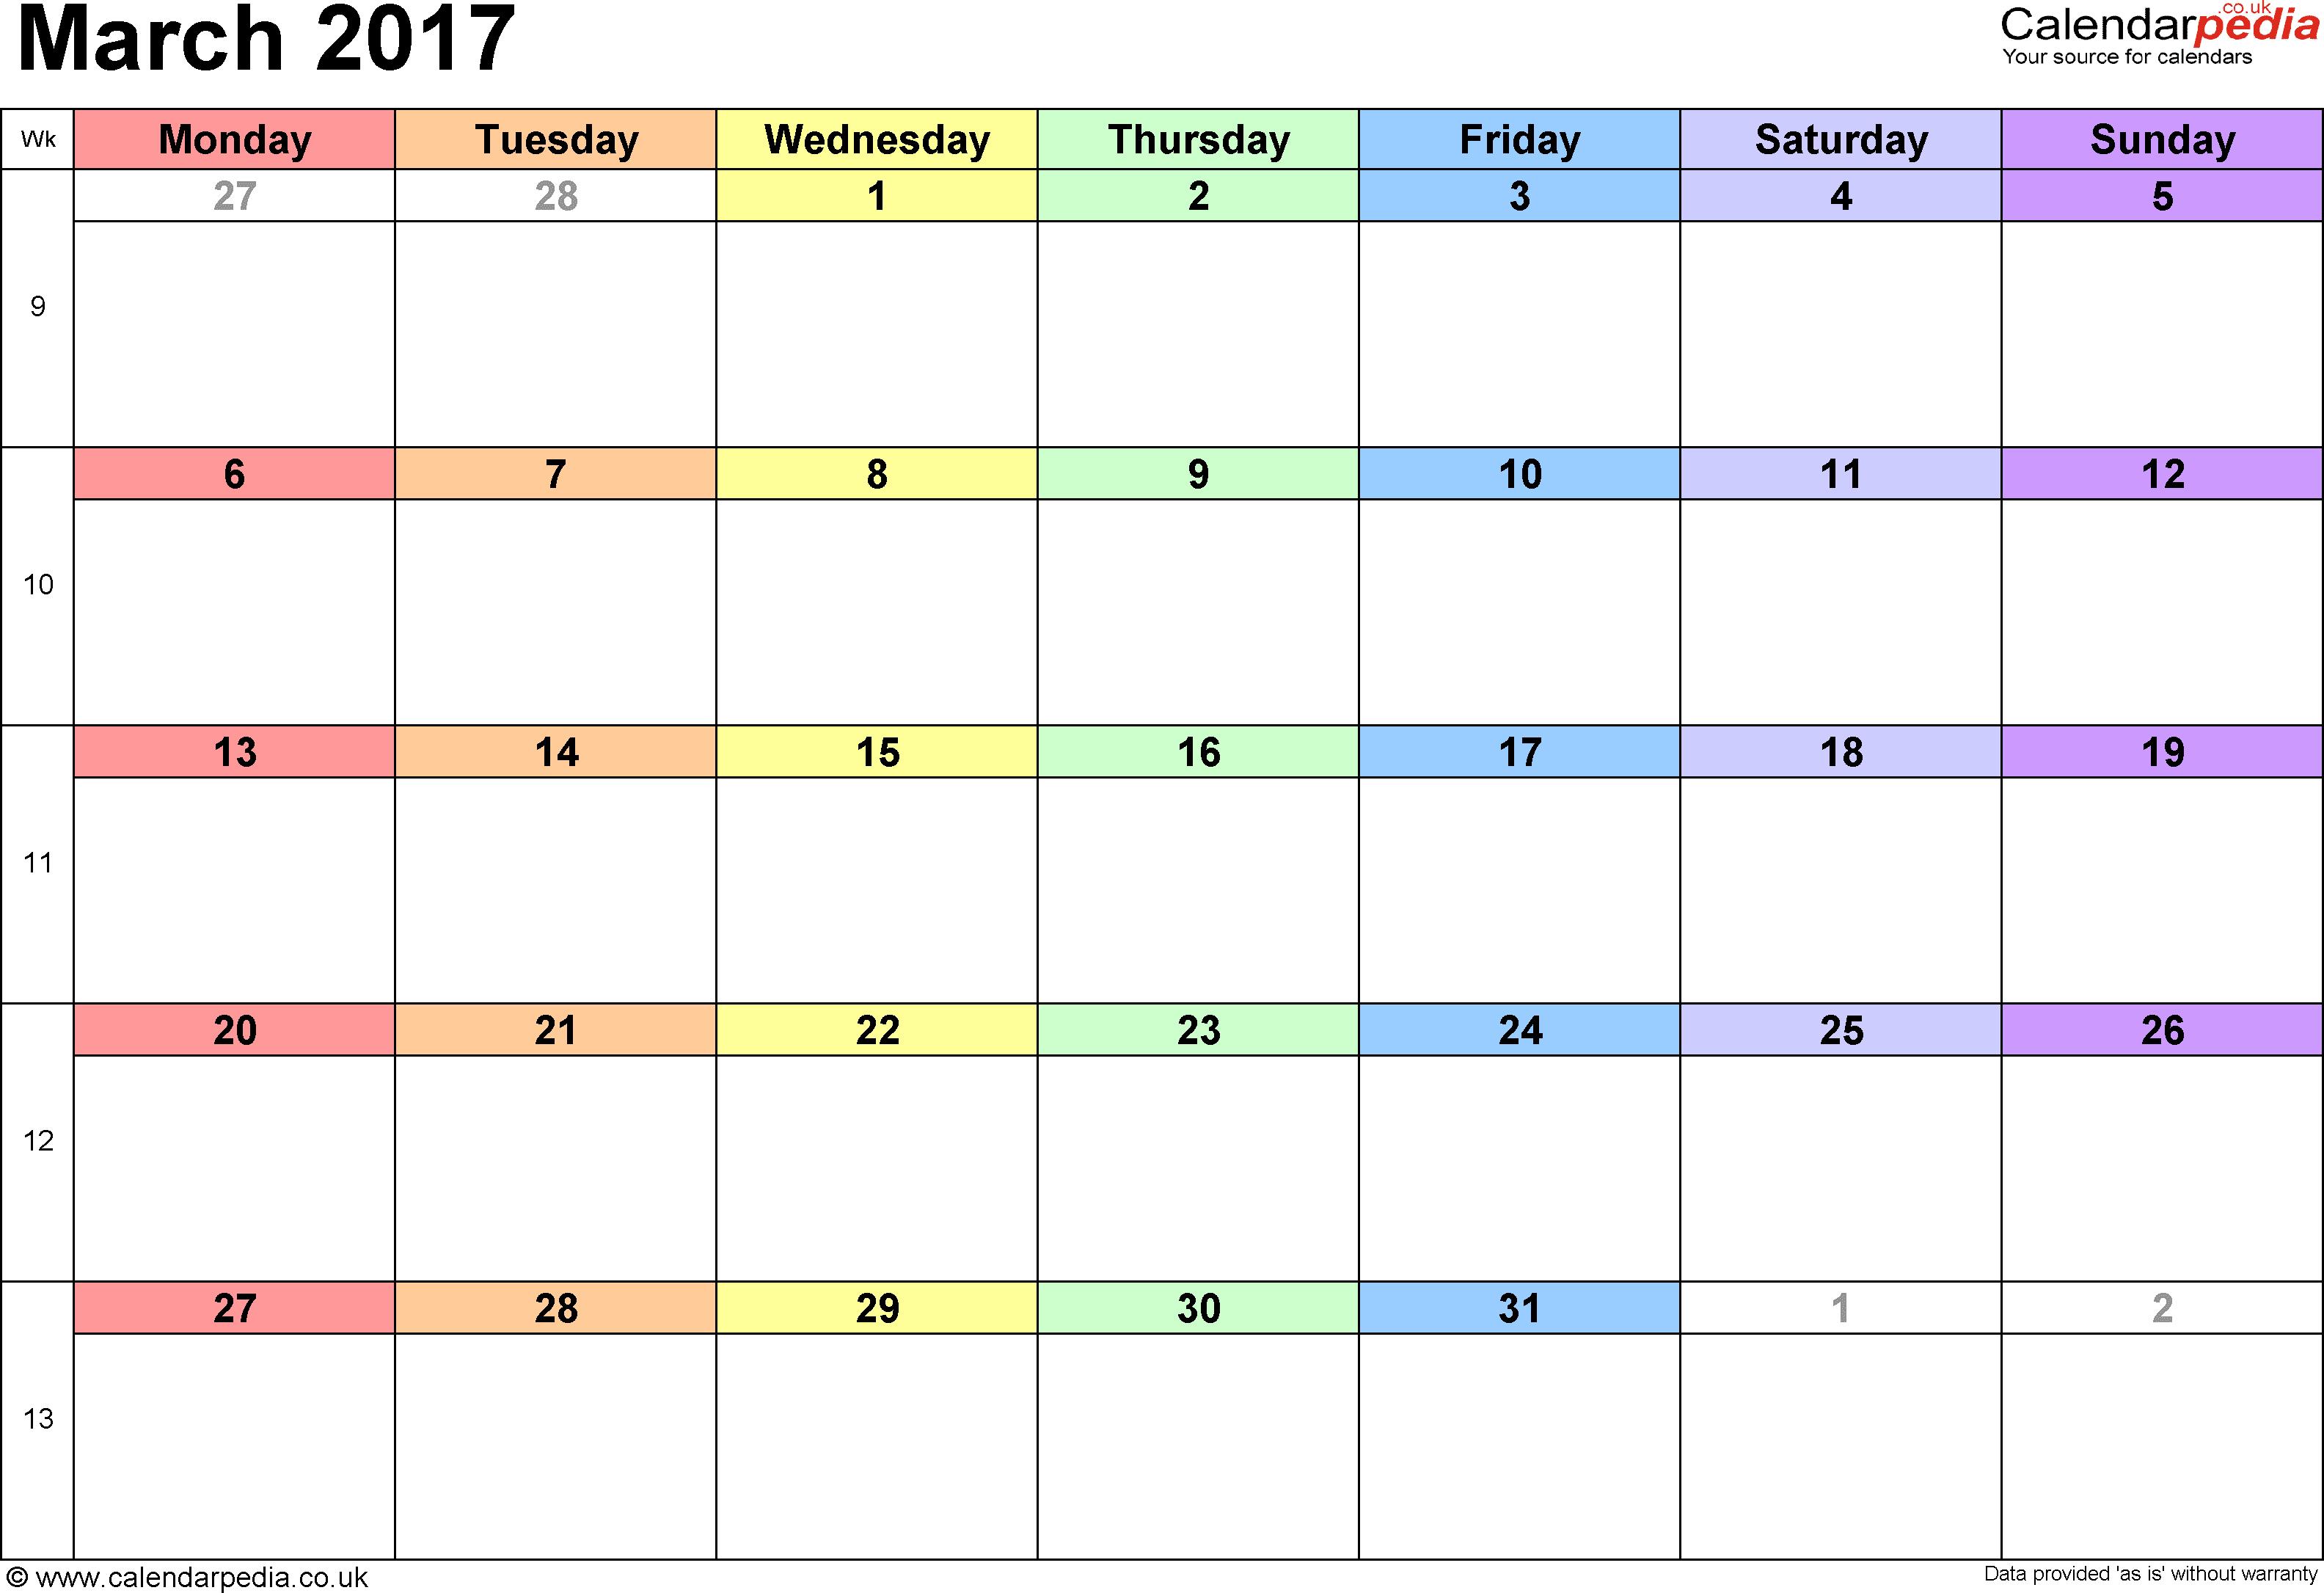 March Calendar 2017 Png – 2017 March Calendar